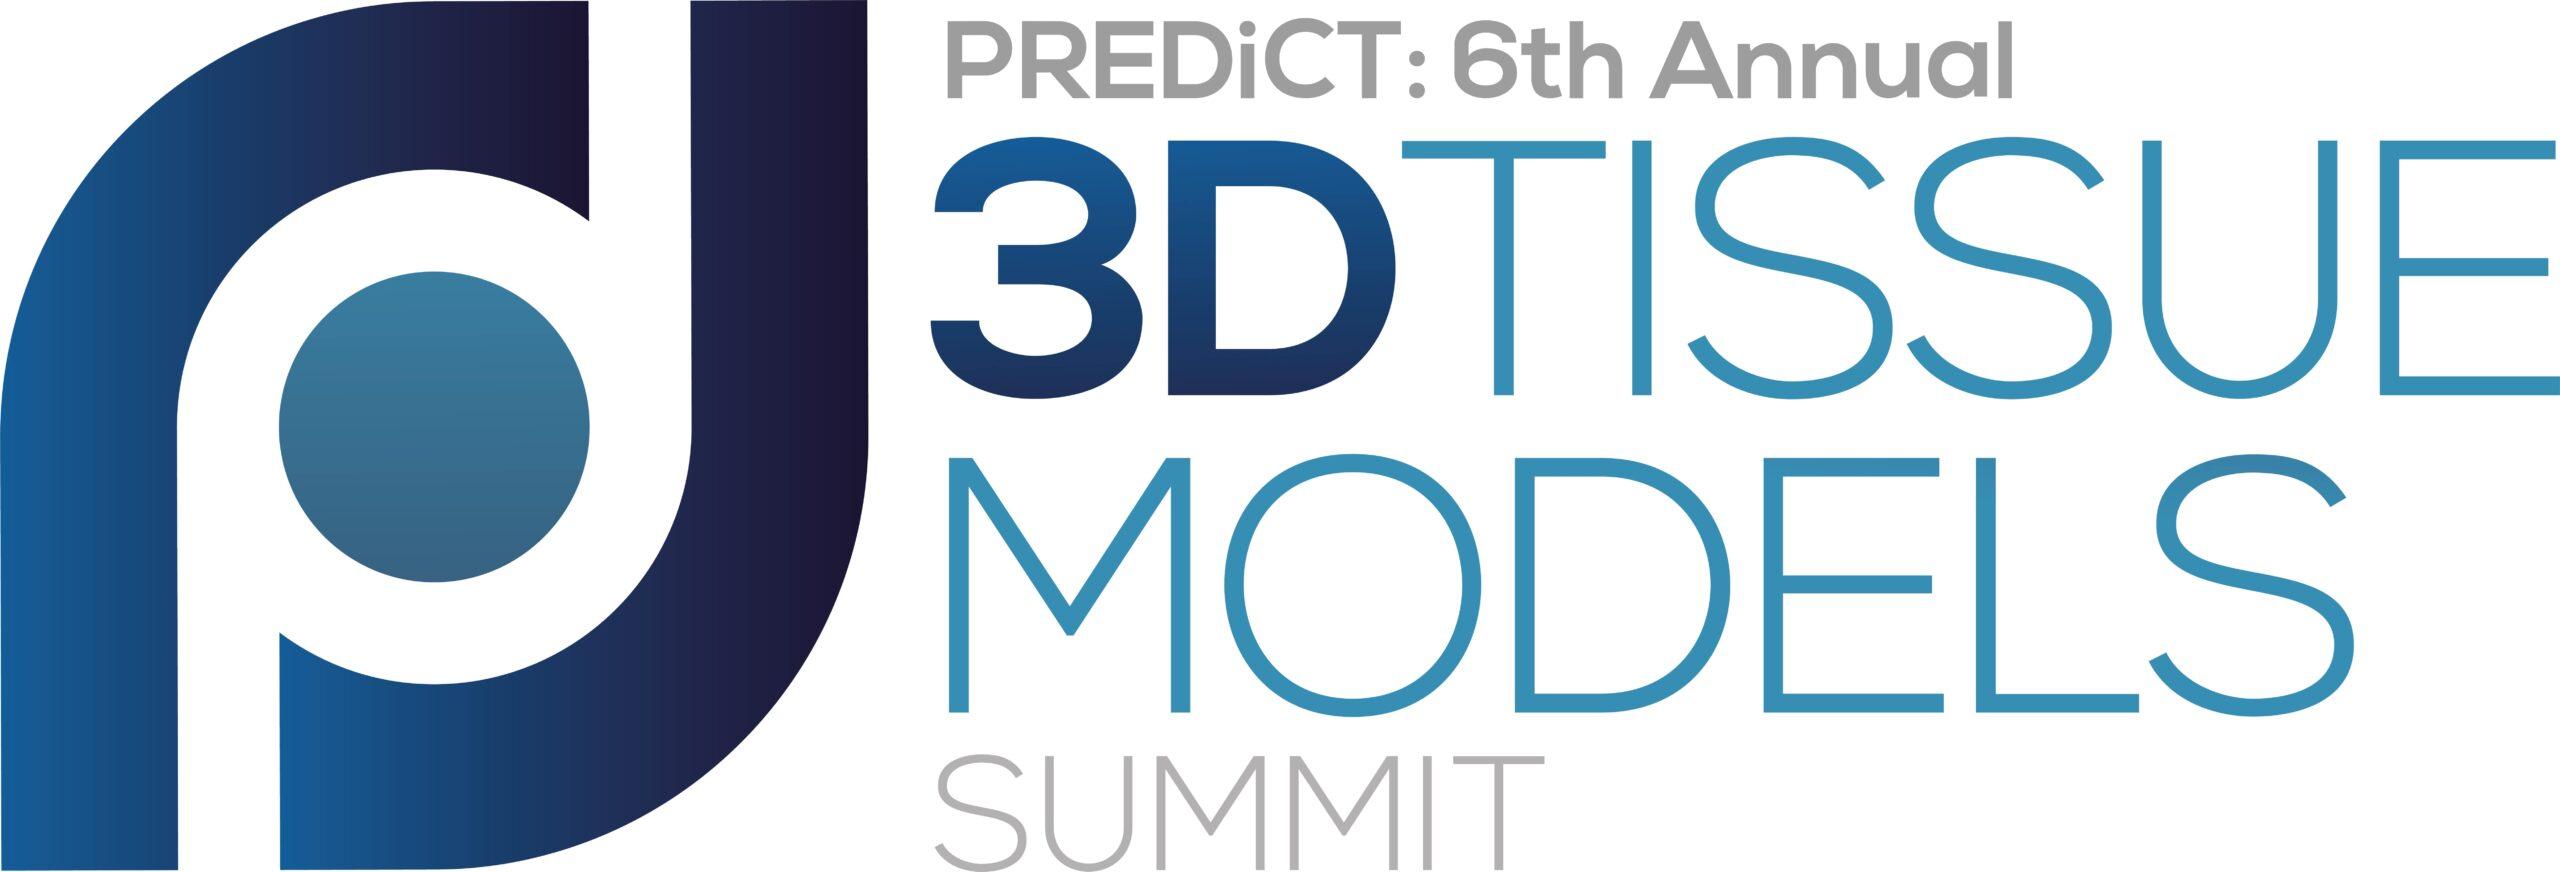 20326 - 3D Tissue Models Summit-min